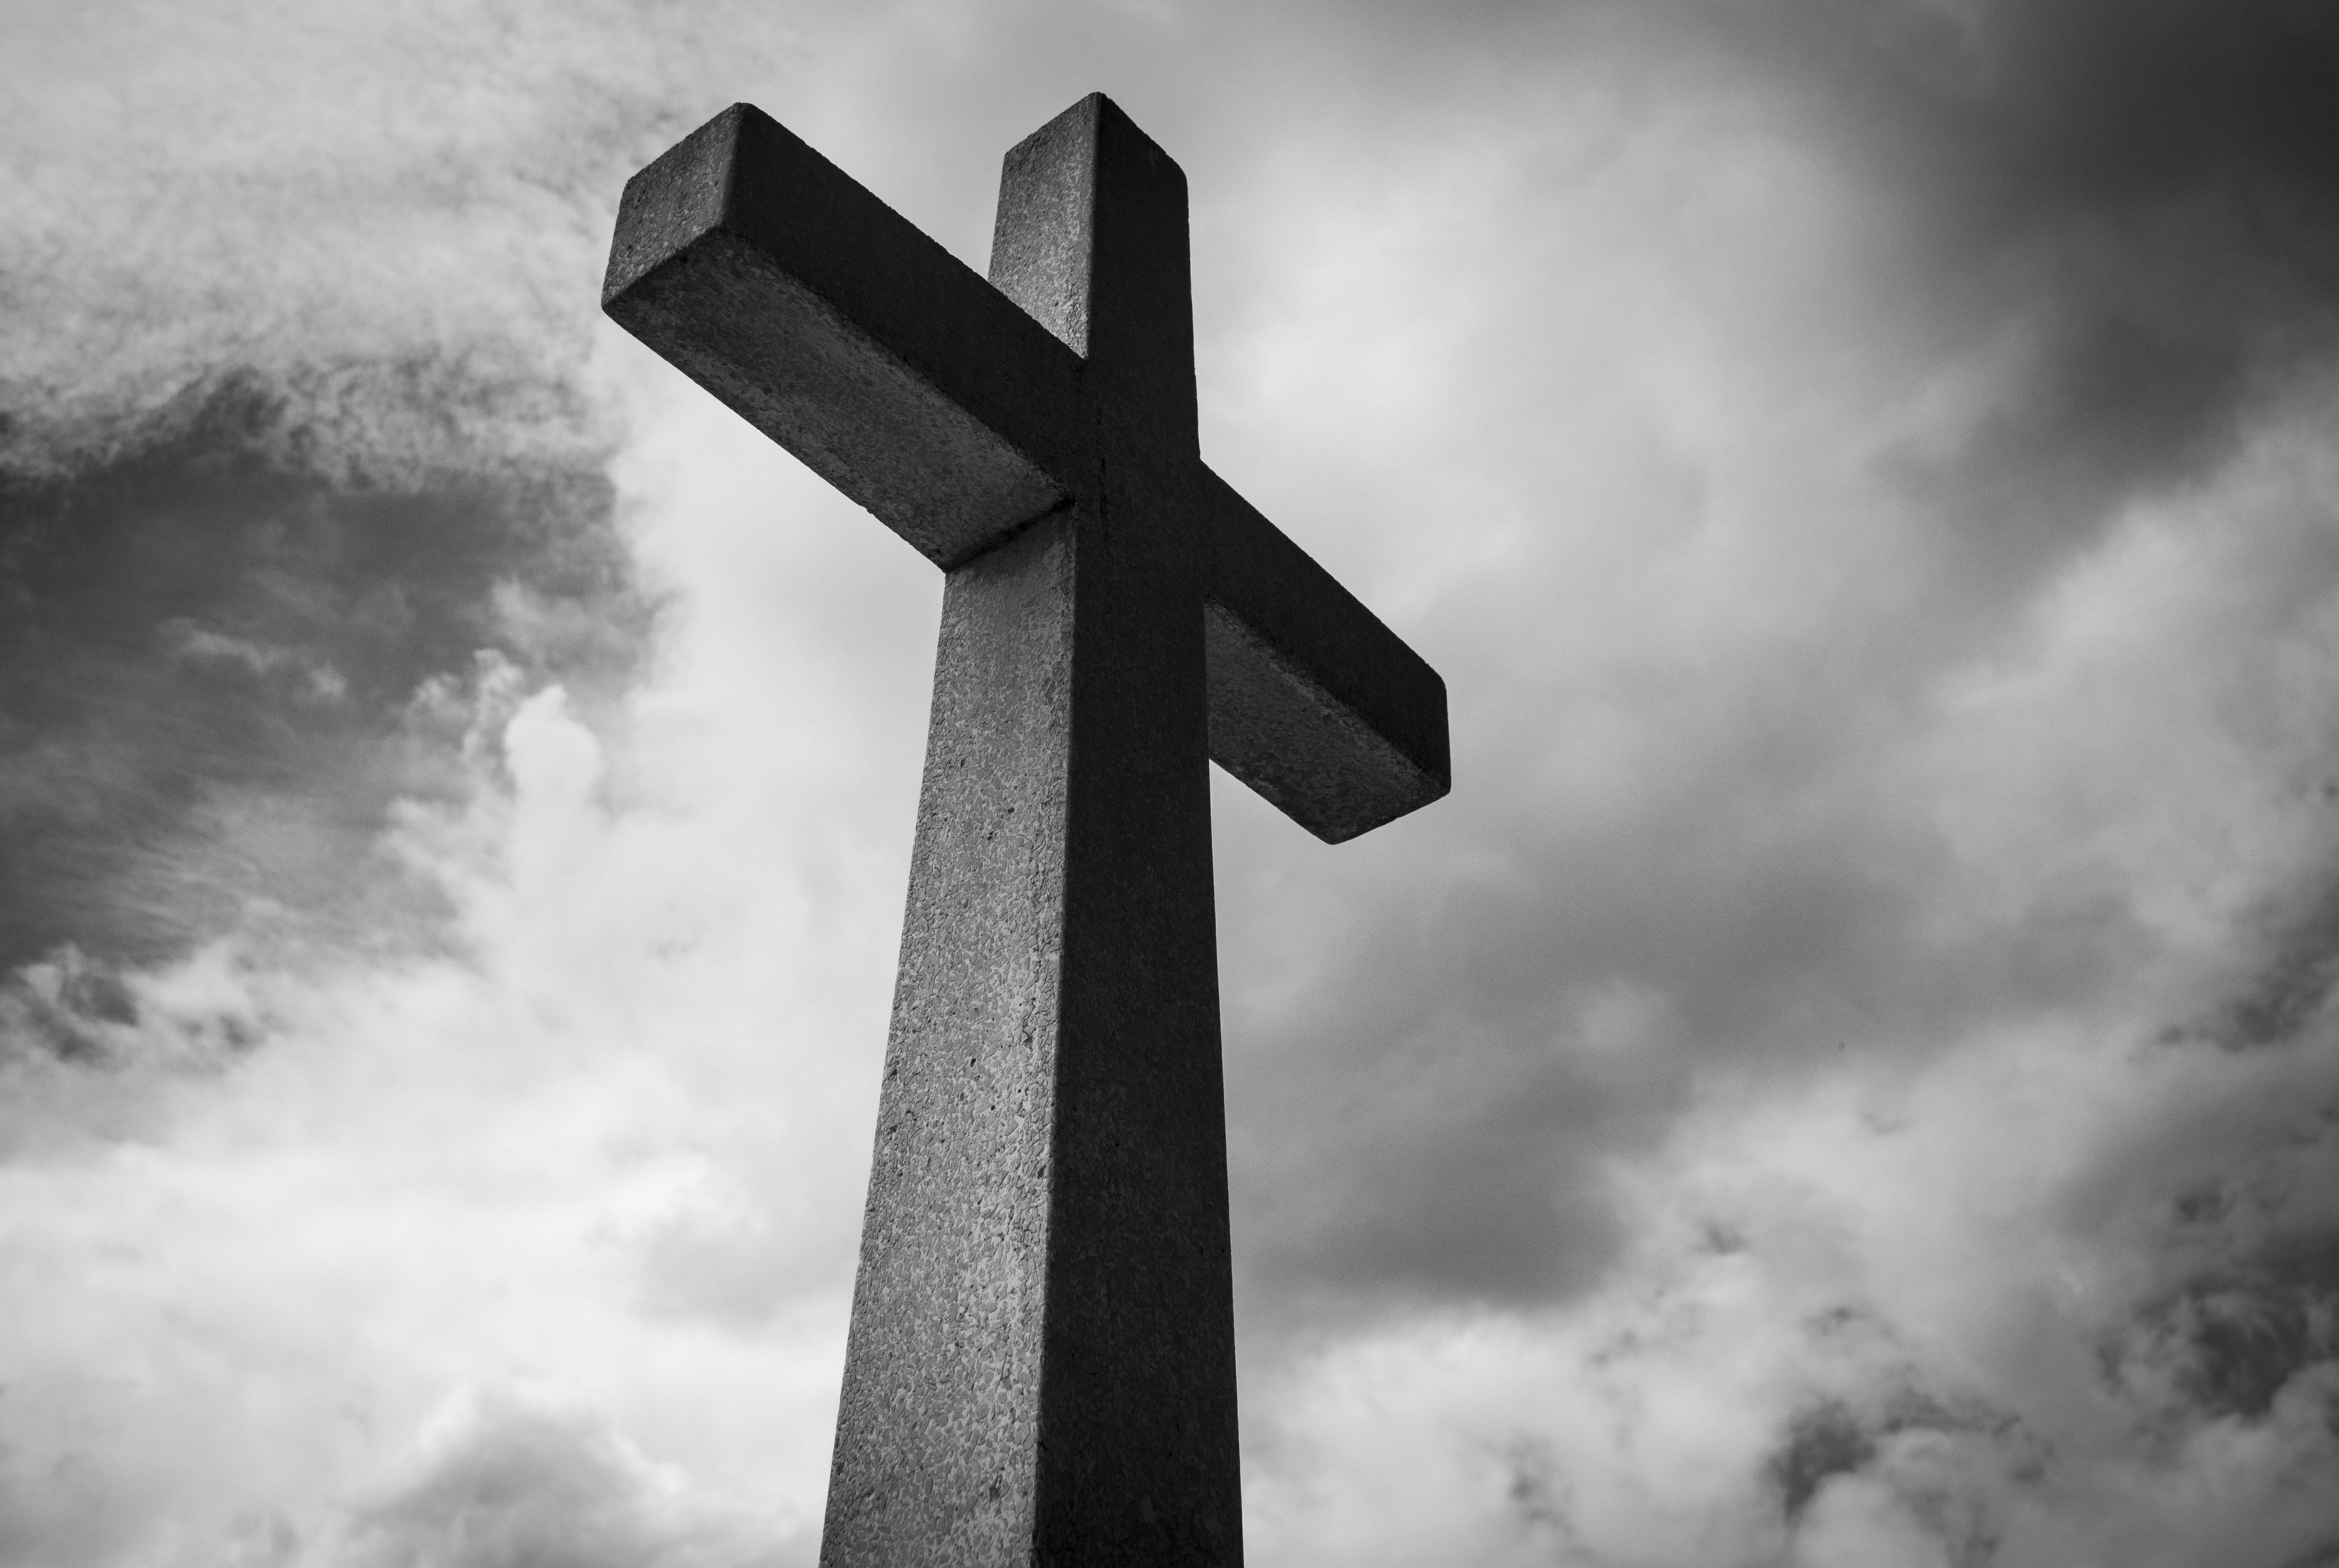 Cross - Death Penalty